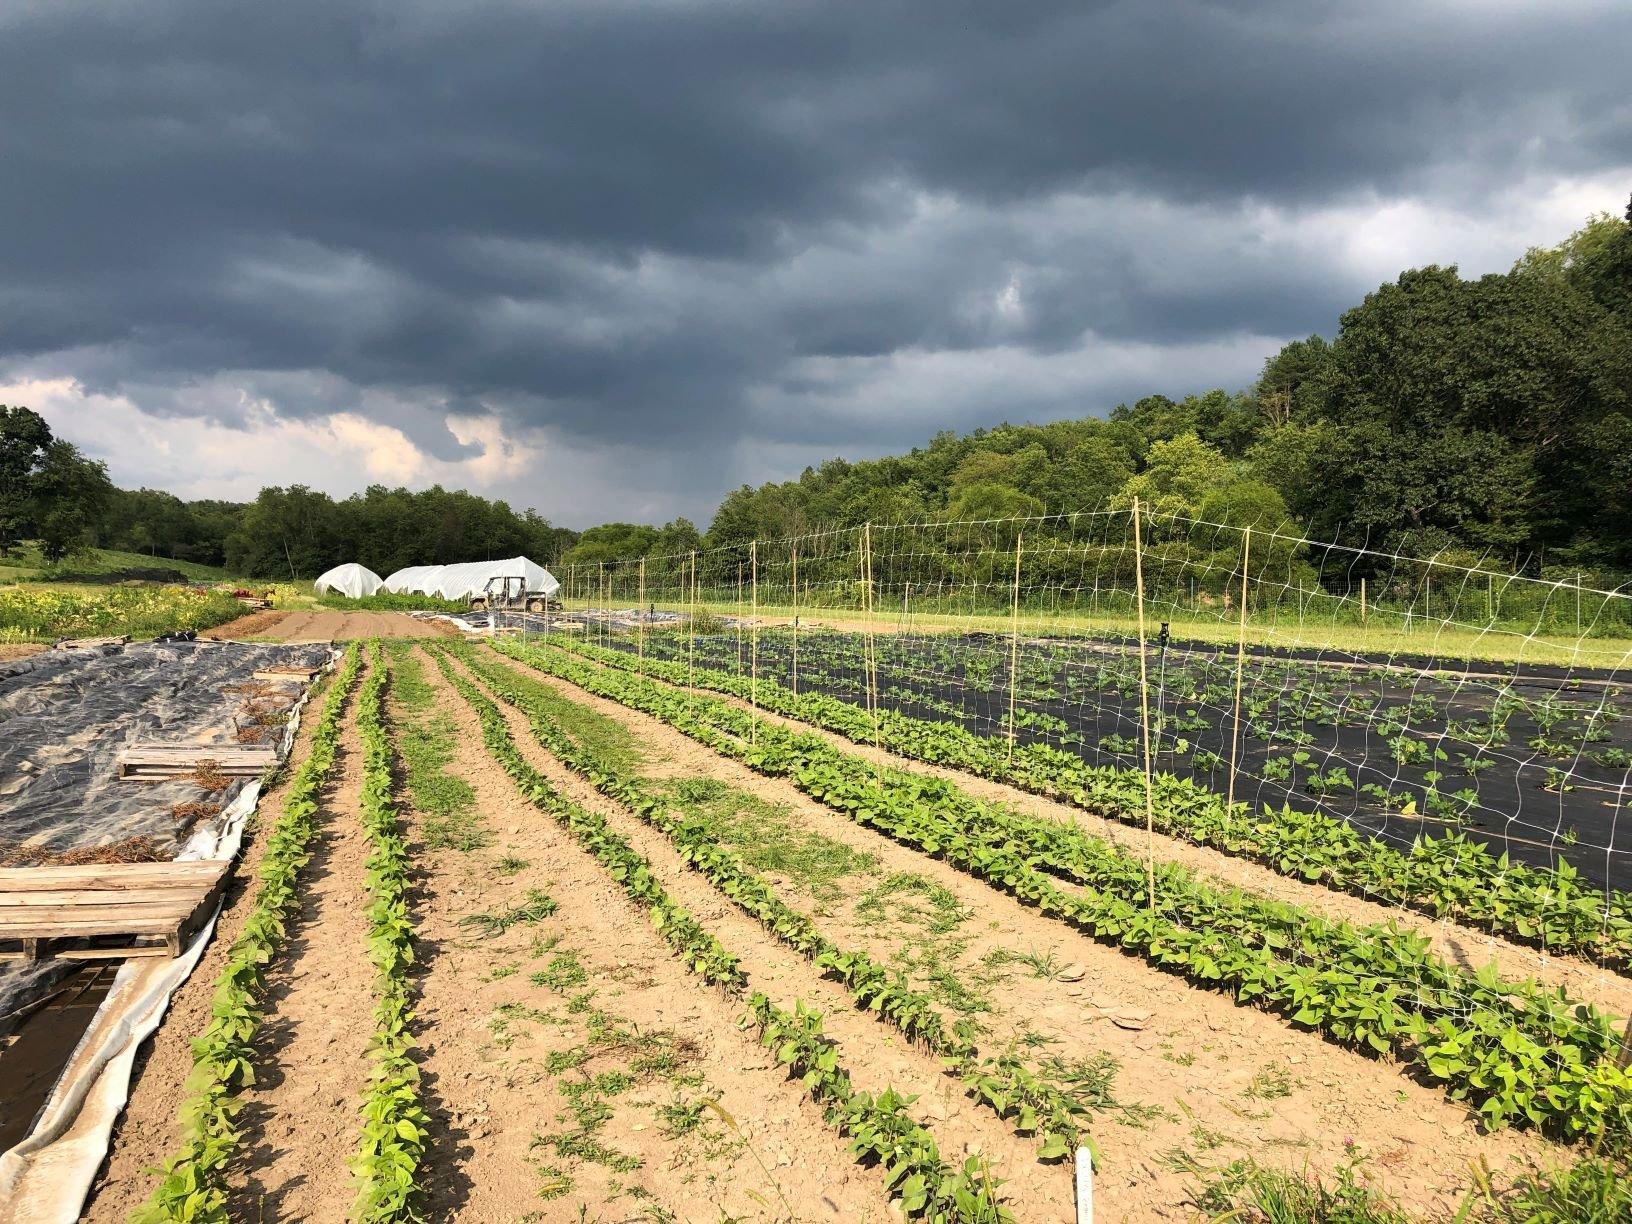 Next Happening: Farm Happenings for August 27, 2019 (week 12)